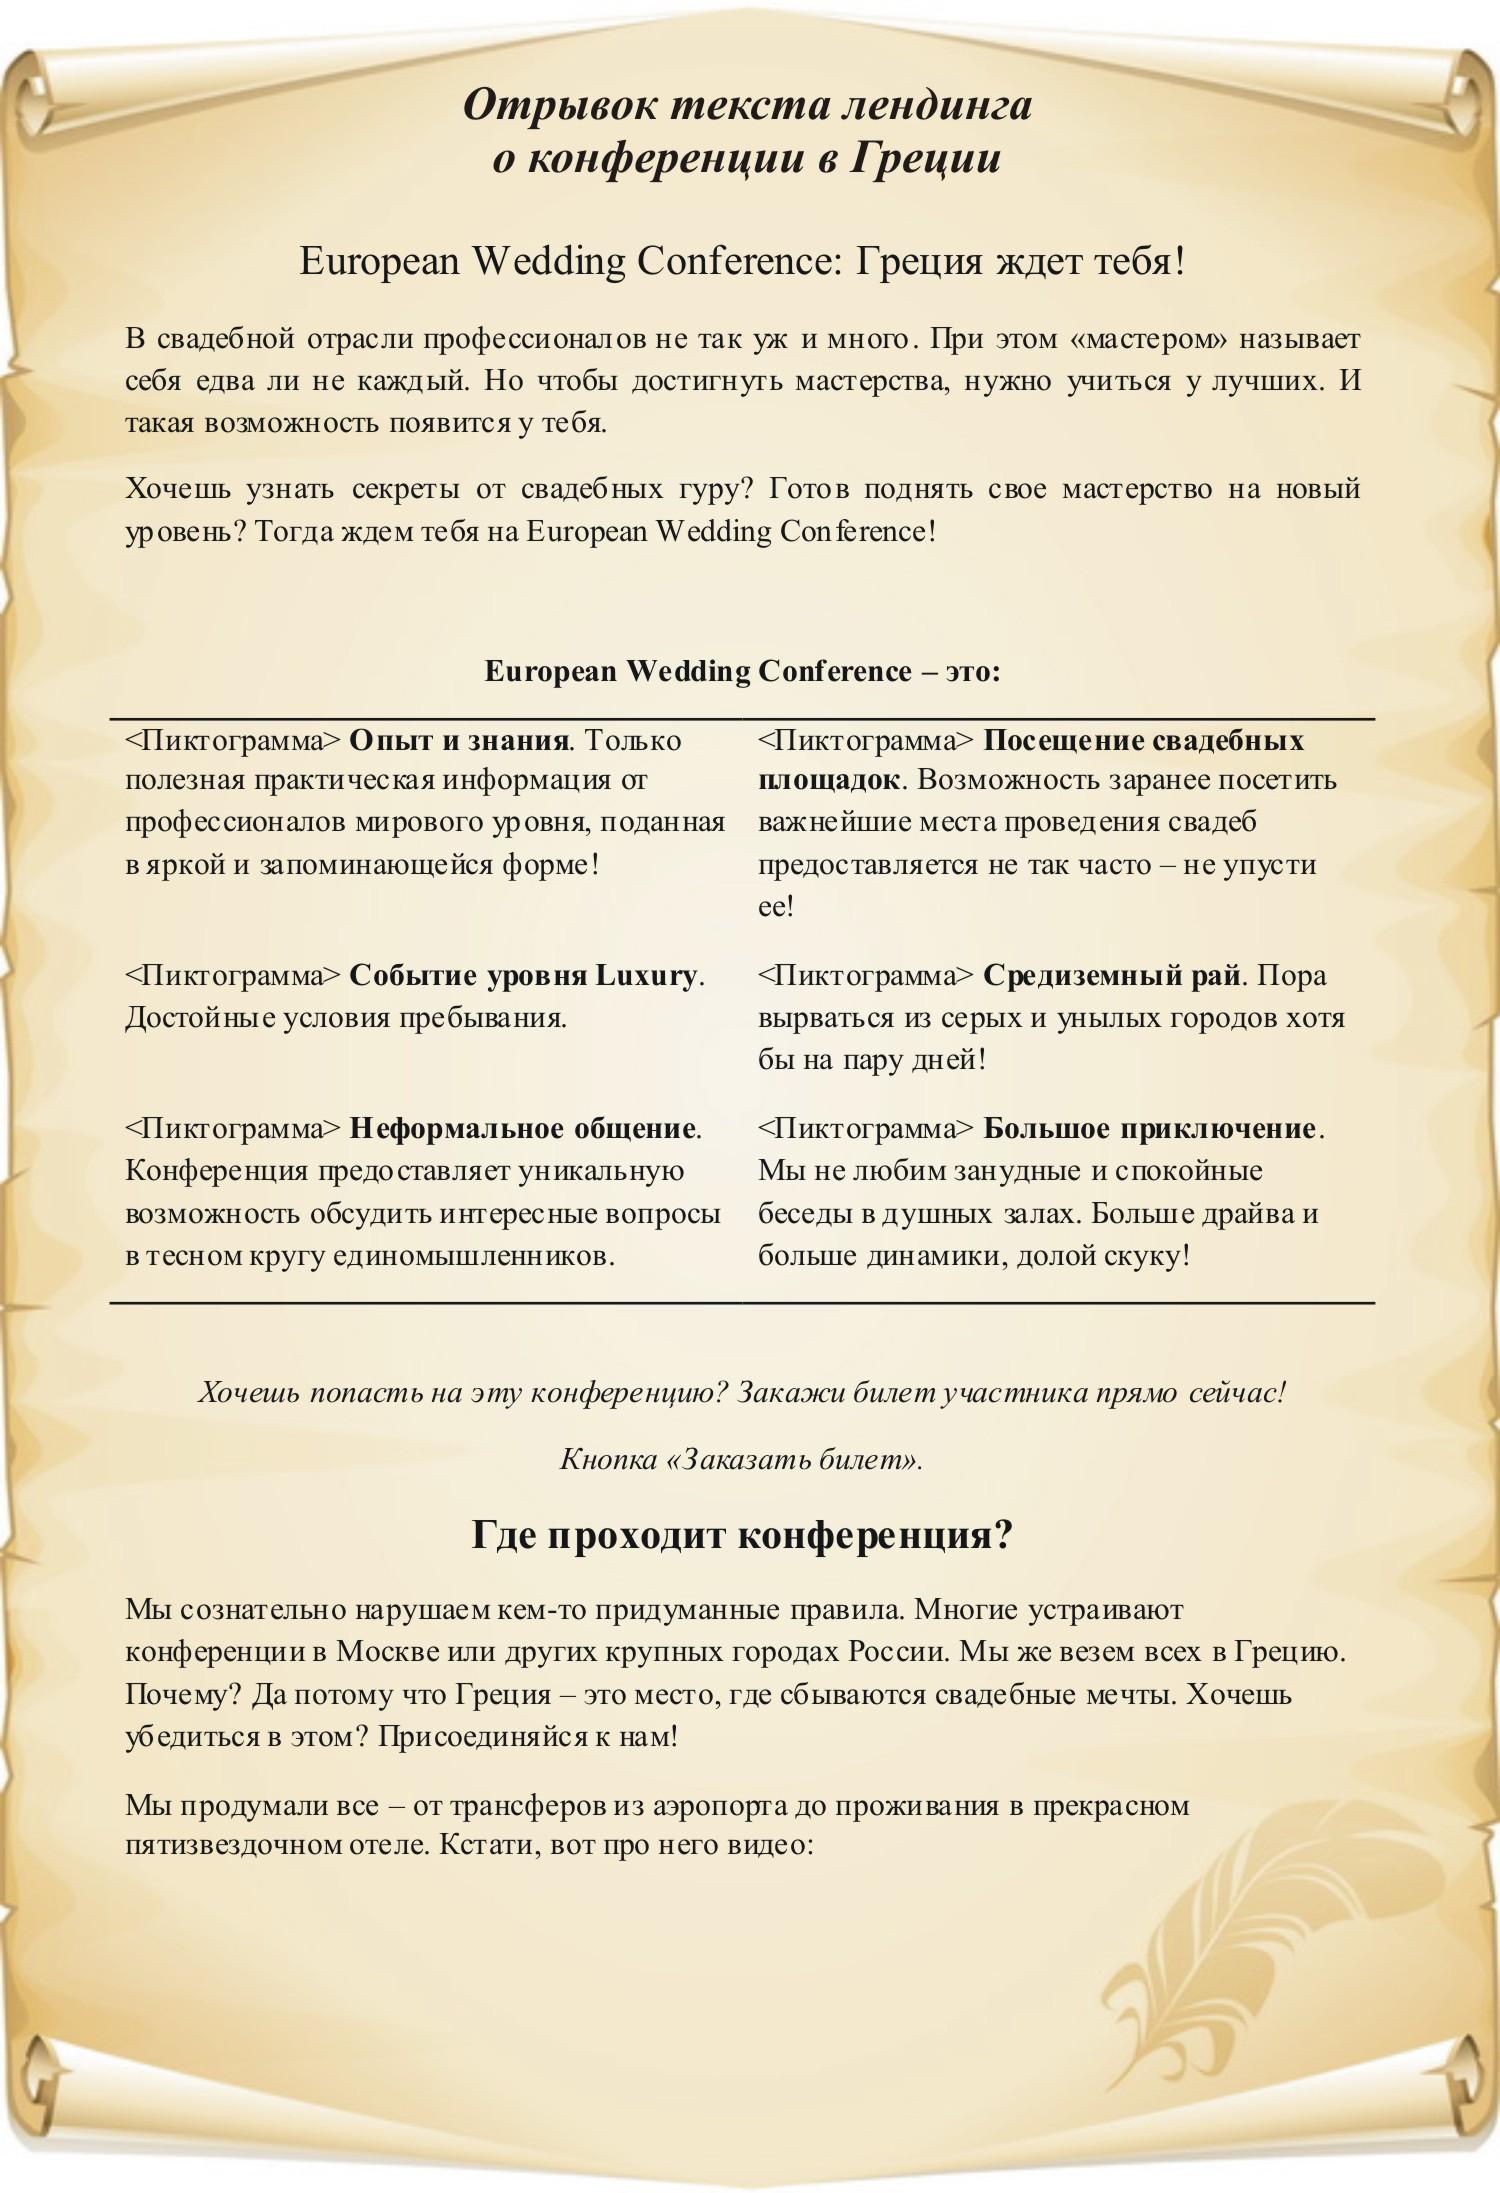 Лендинг о свадебной конференции в Греции (отрывок)